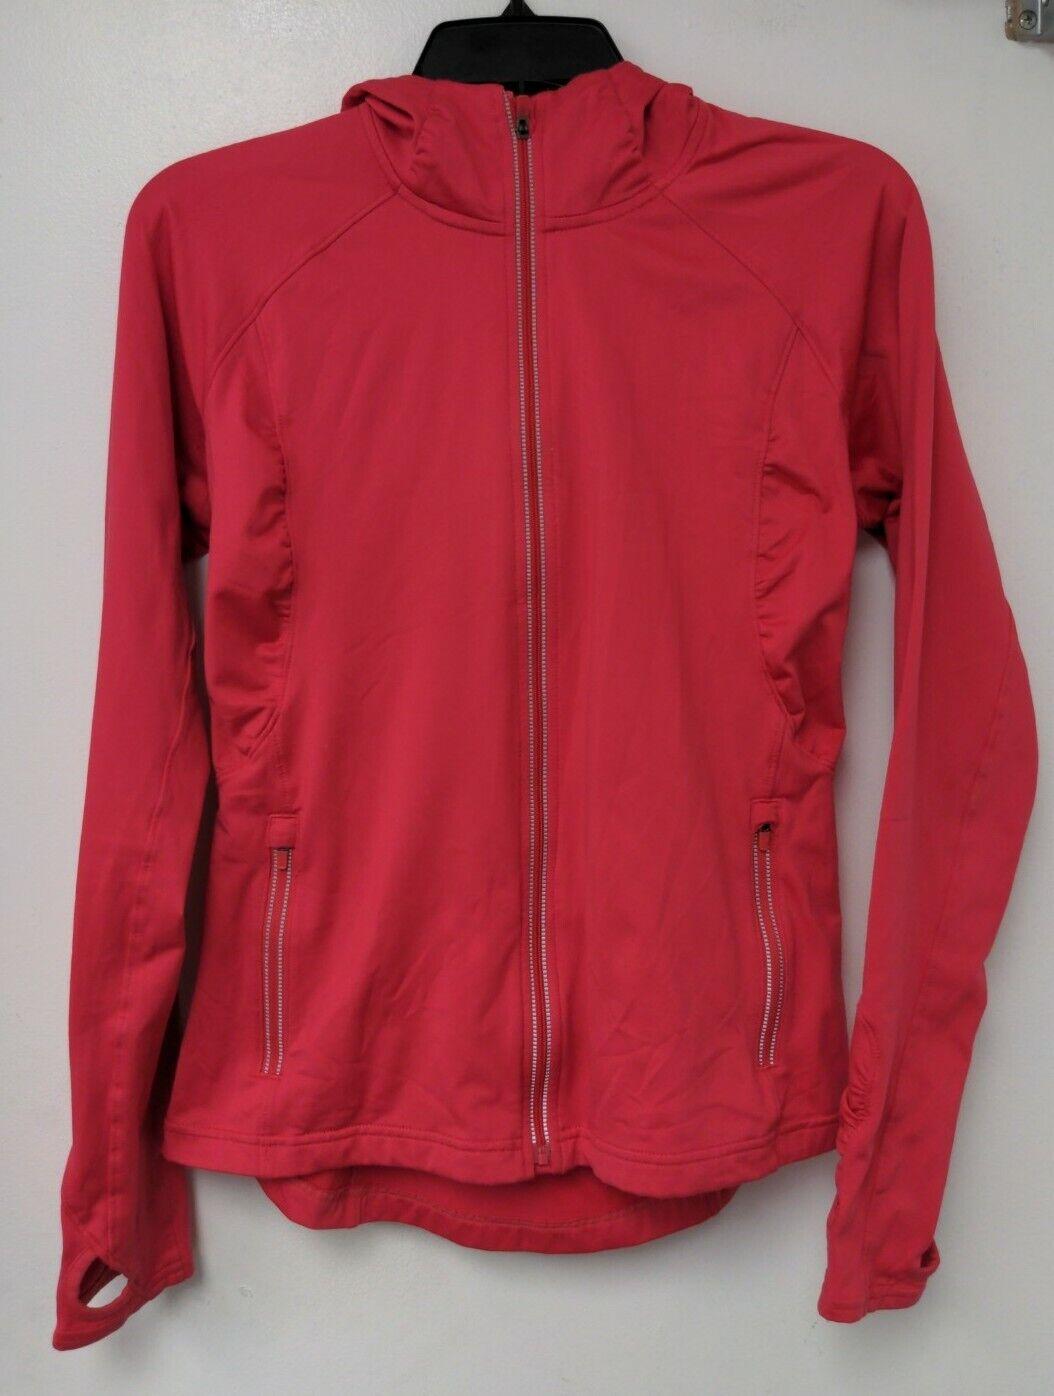 Athleta Half Mile Hoodie Pink Full Zip Thumb Hole Athletic Jacket Size Small